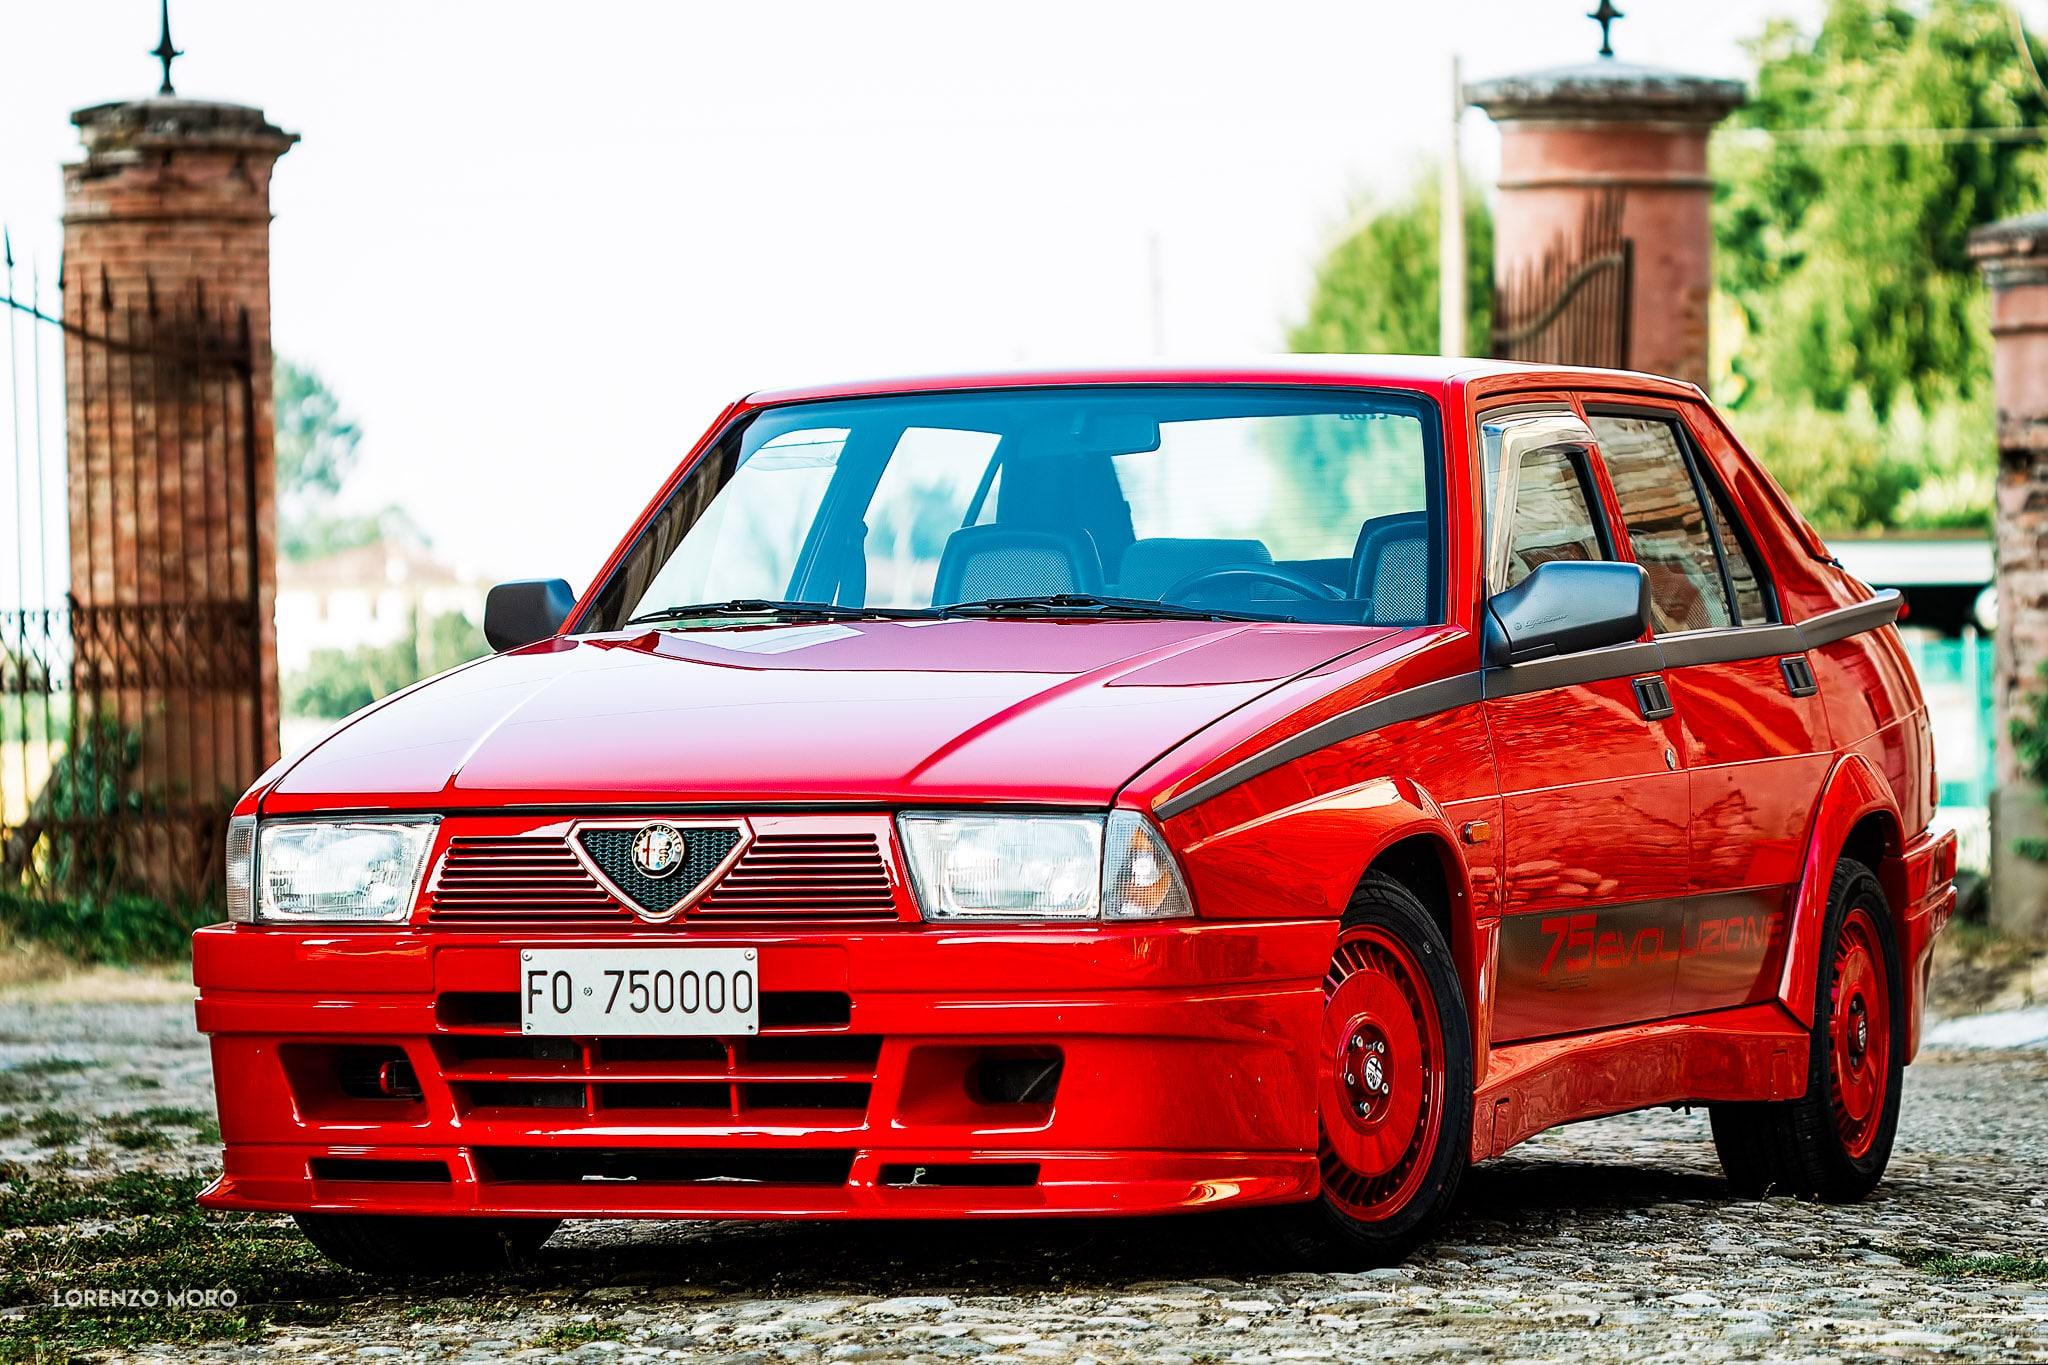 Alfa 75 Turbo Evoluzione Rollingsteel It Il Ferro E Servito